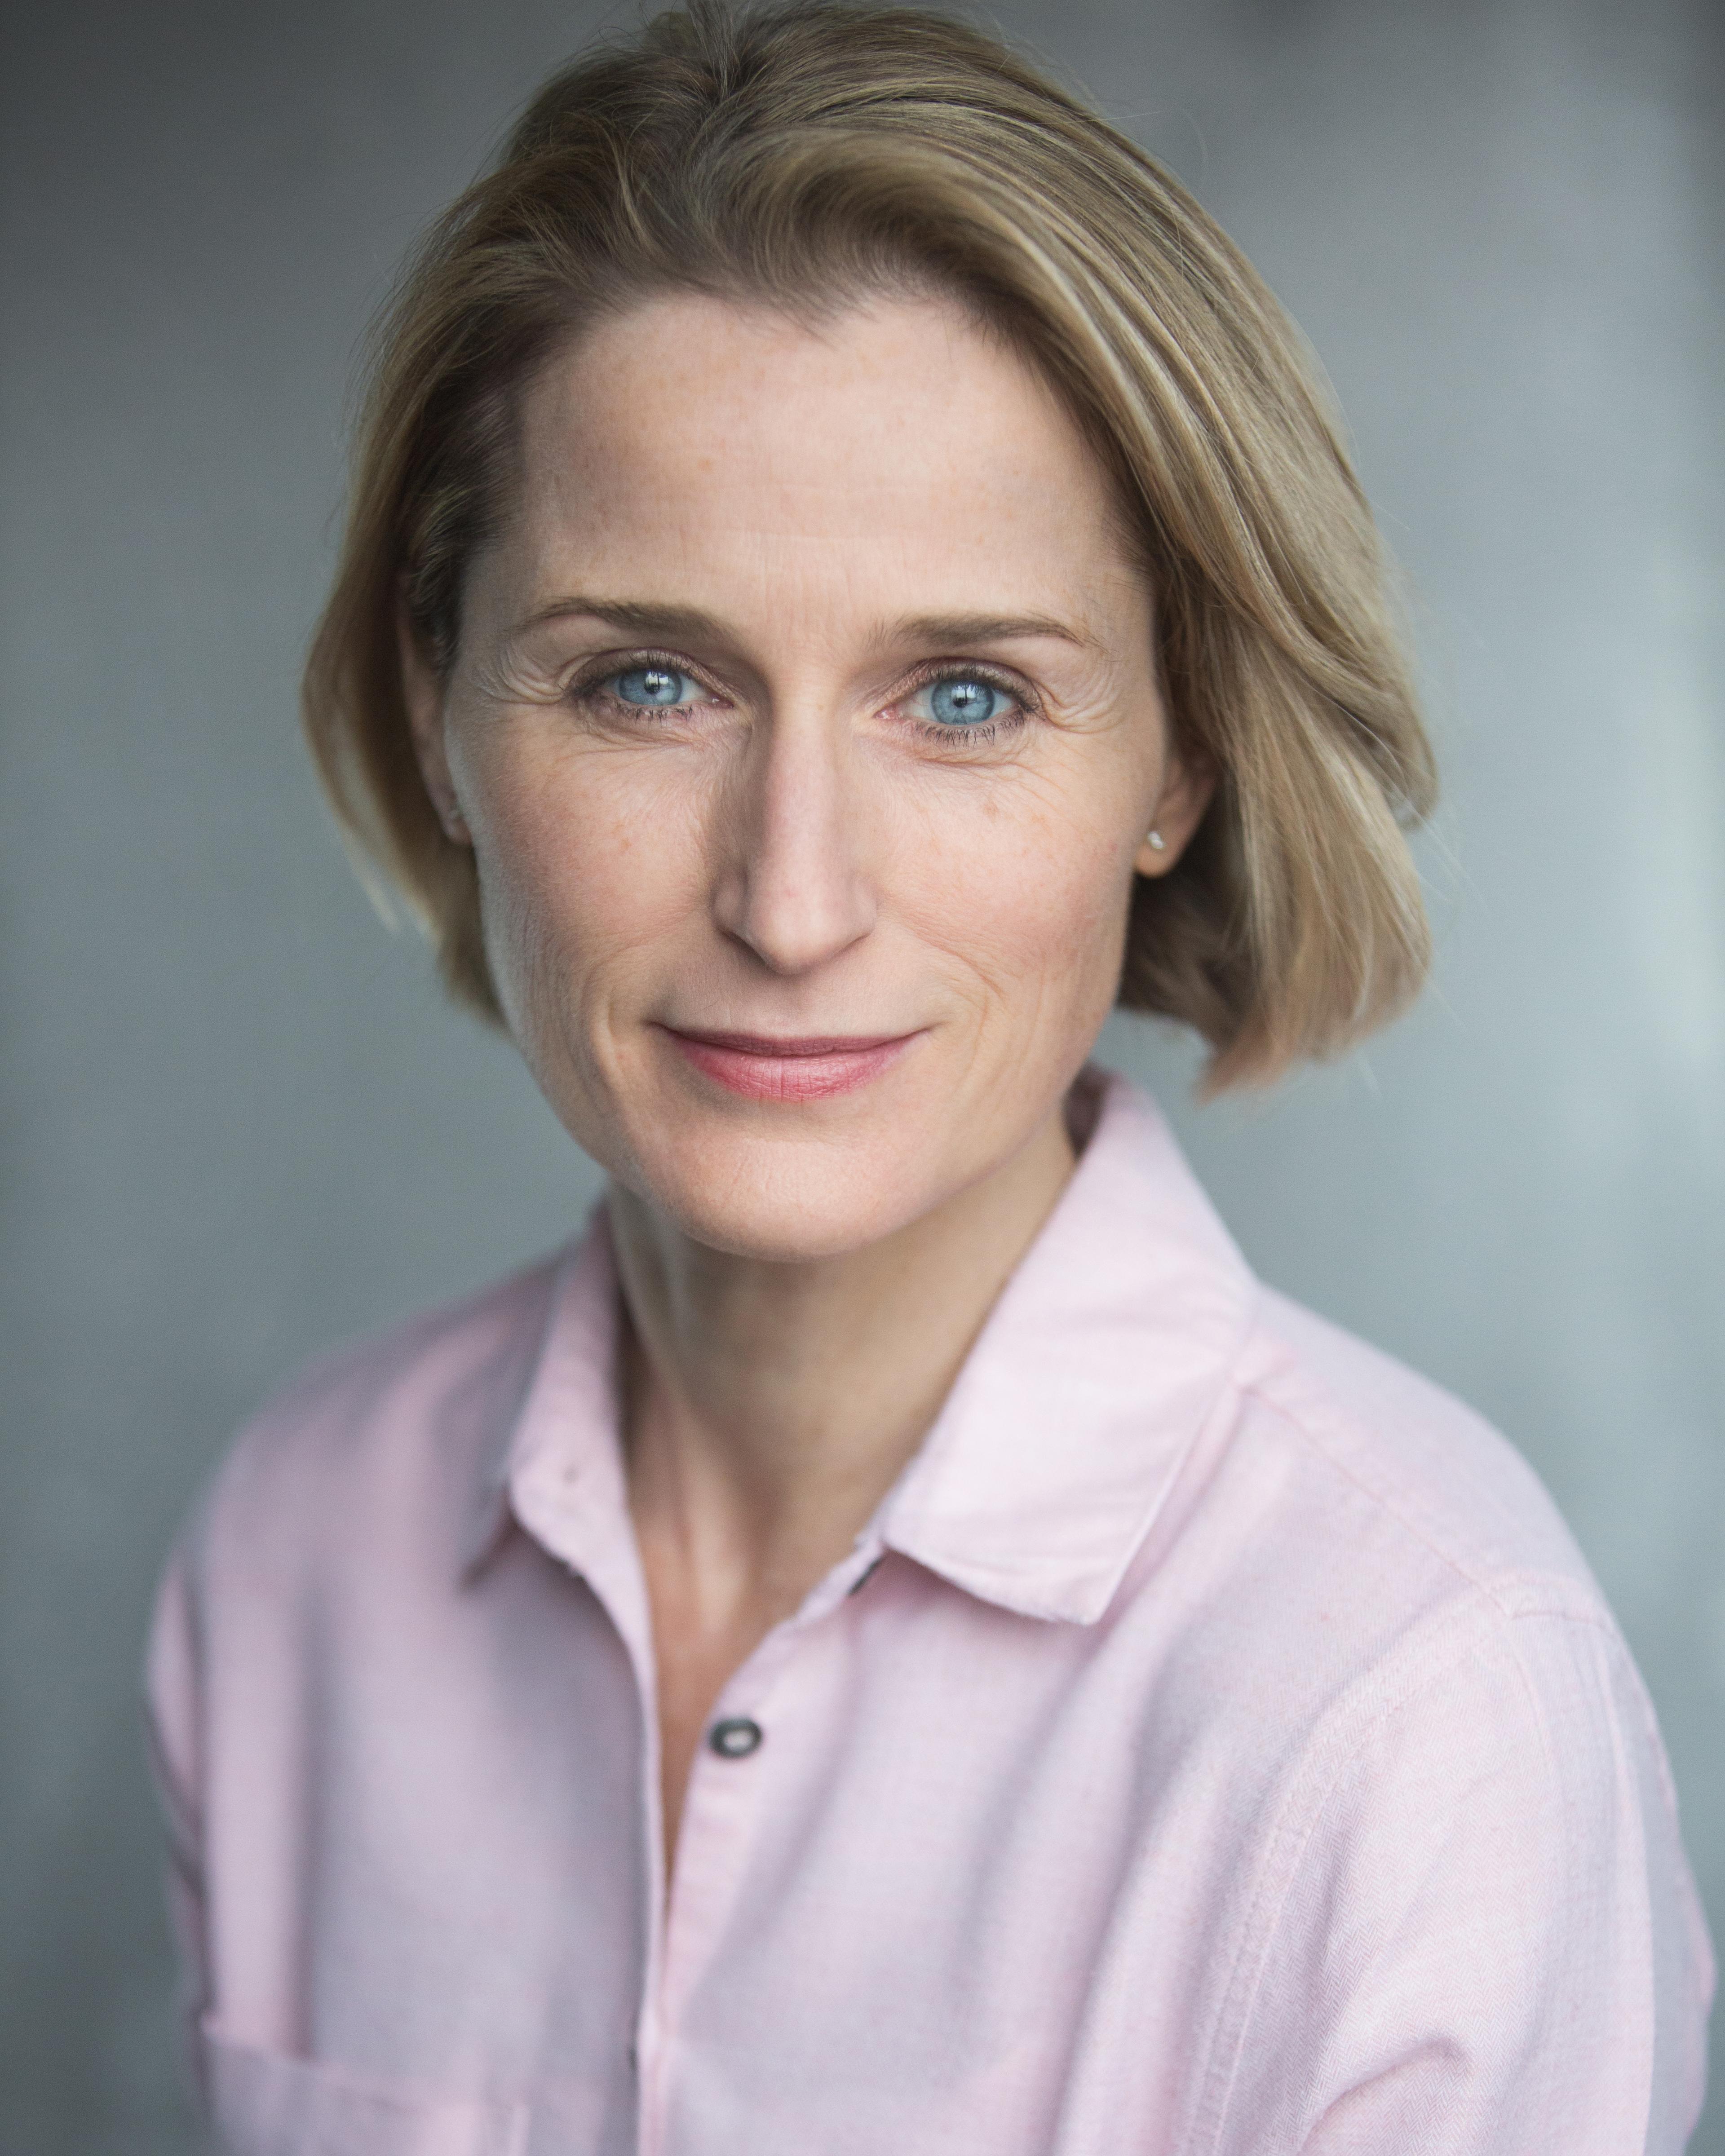 Isobel Raine